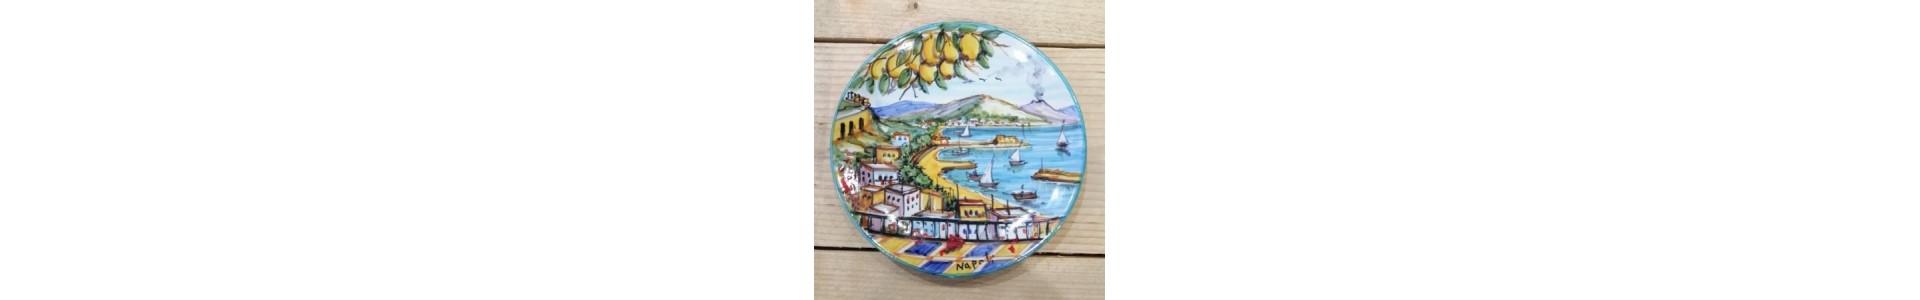 Naples landscapes